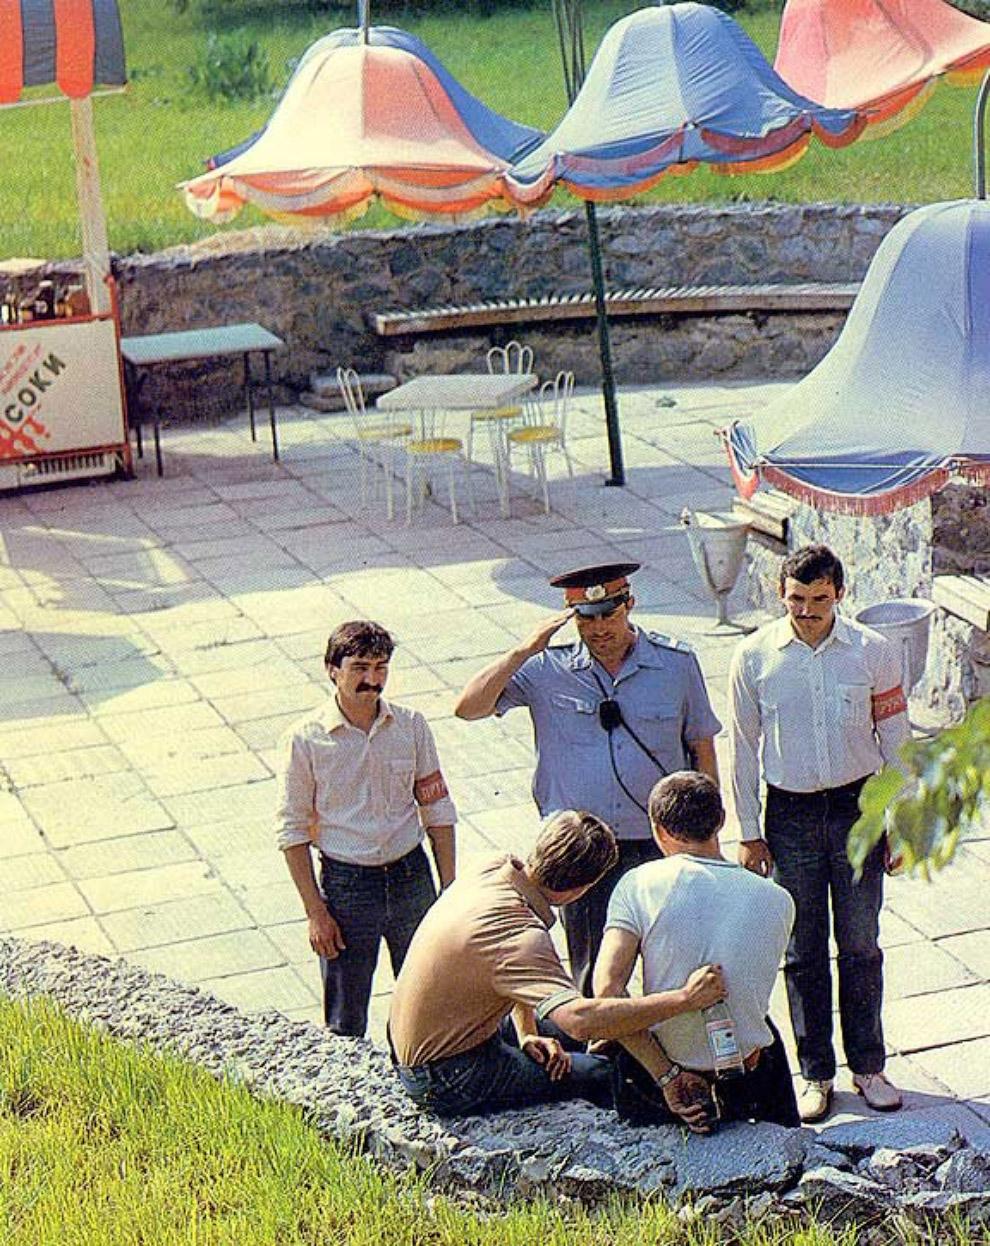 24. Со спиртным в 1987-м уже были проблемы, а еды ещё вполне хватало. По крайней мере в Москве. Дети